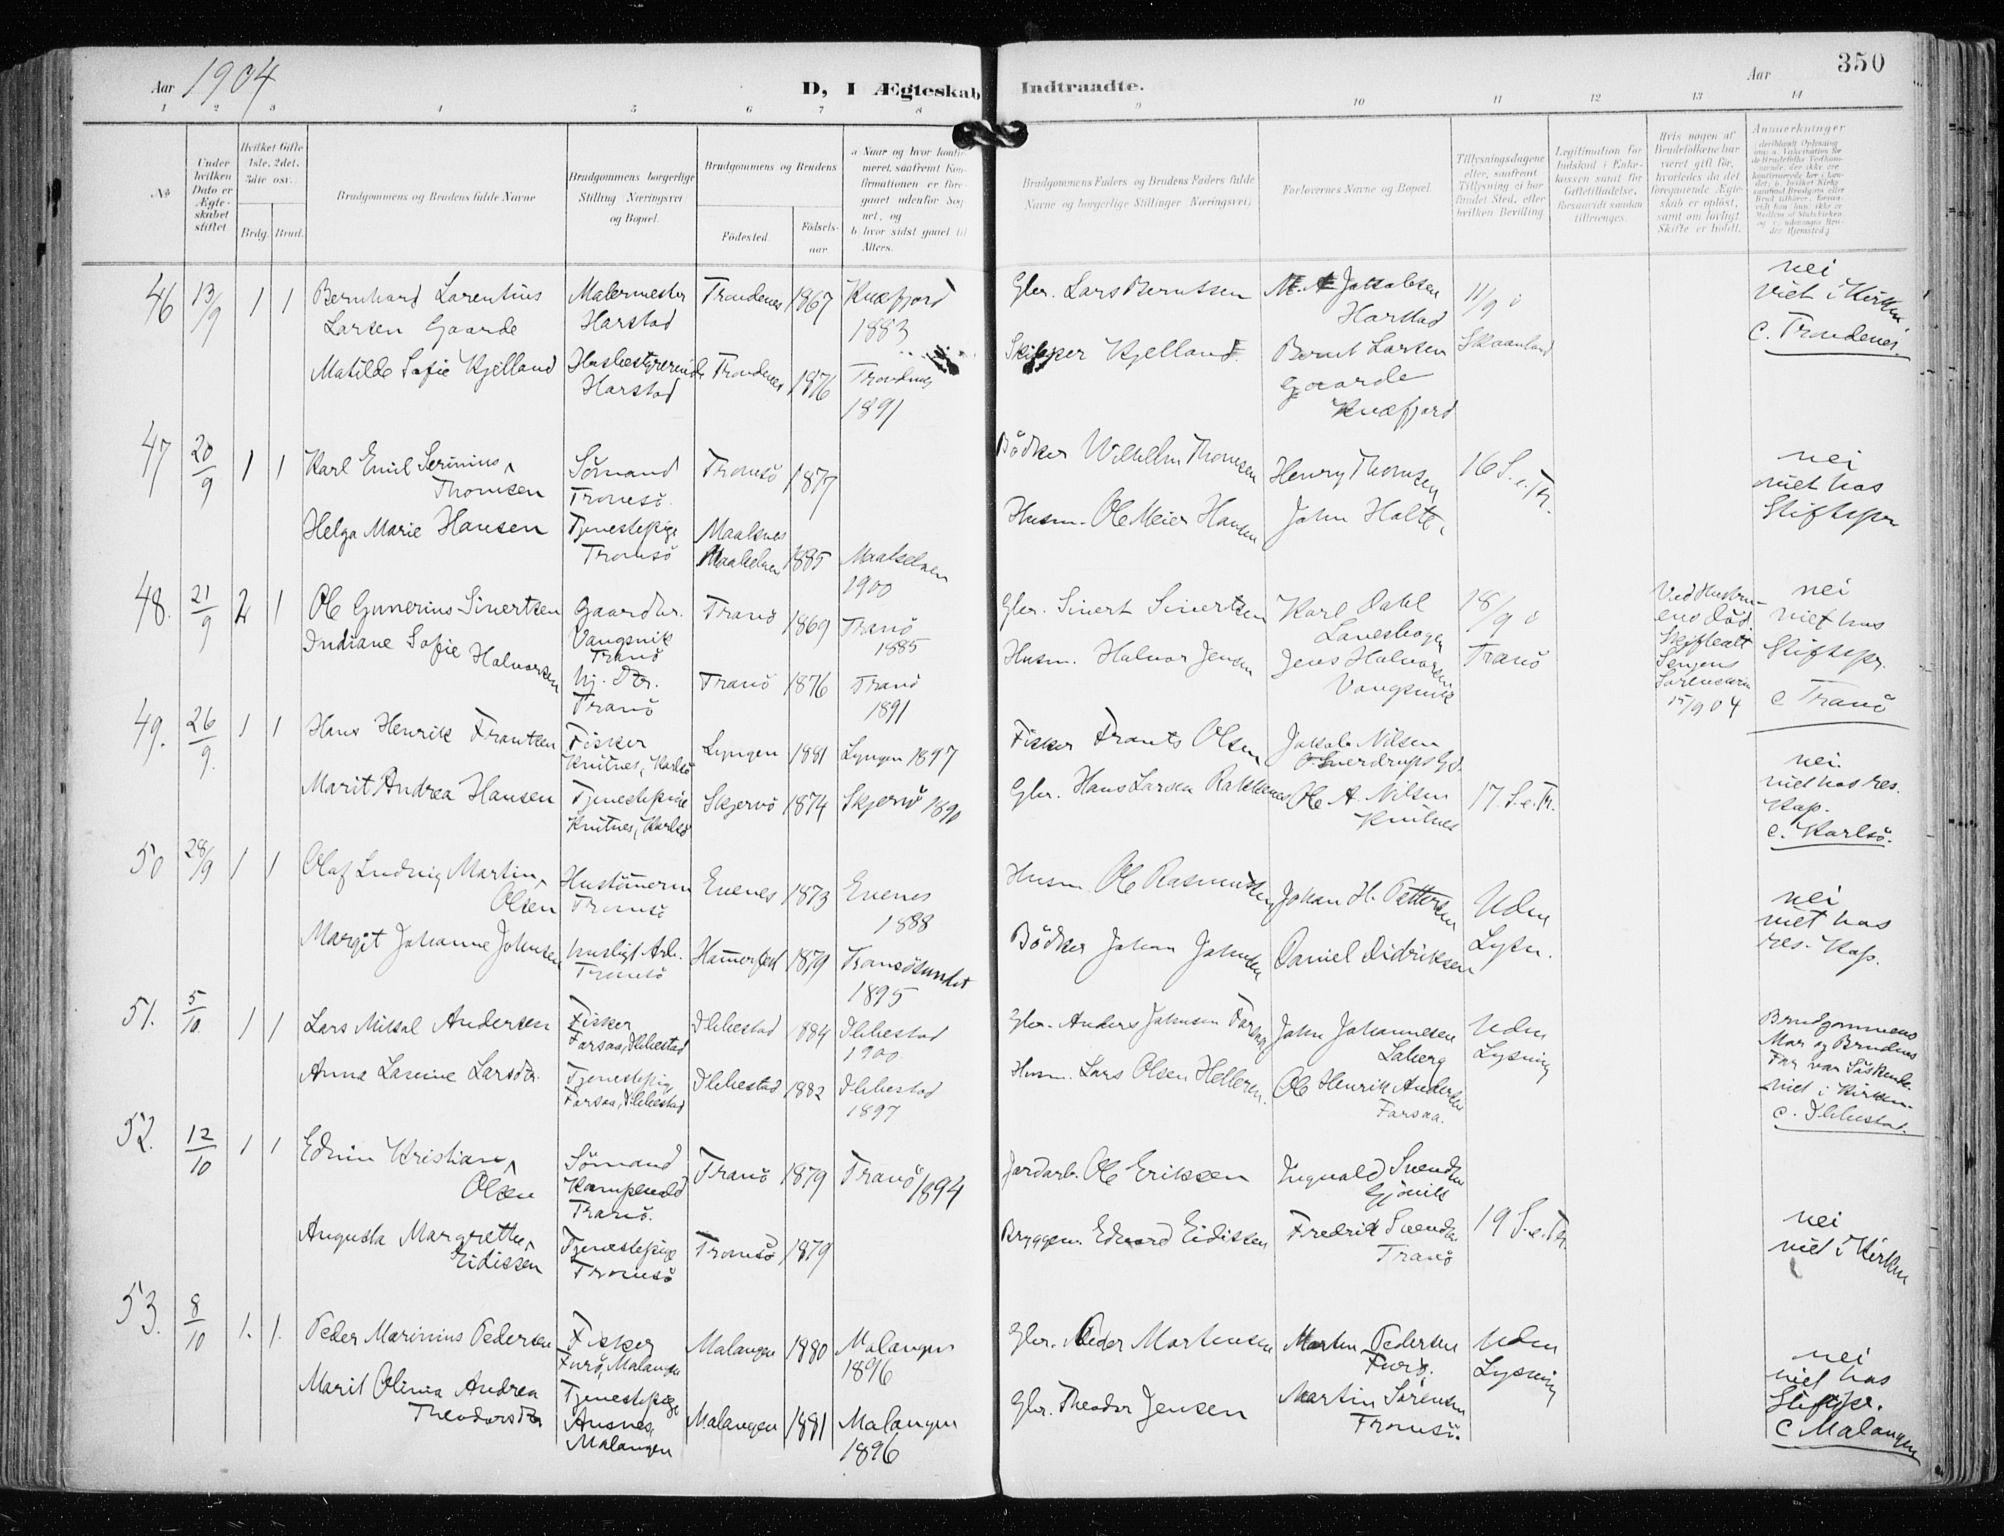 SATØ, Tromsø sokneprestkontor/stiftsprosti/domprosti, G/Ga/L0016kirke: Ministerialbok nr. 16, 1899-1906, s. 350